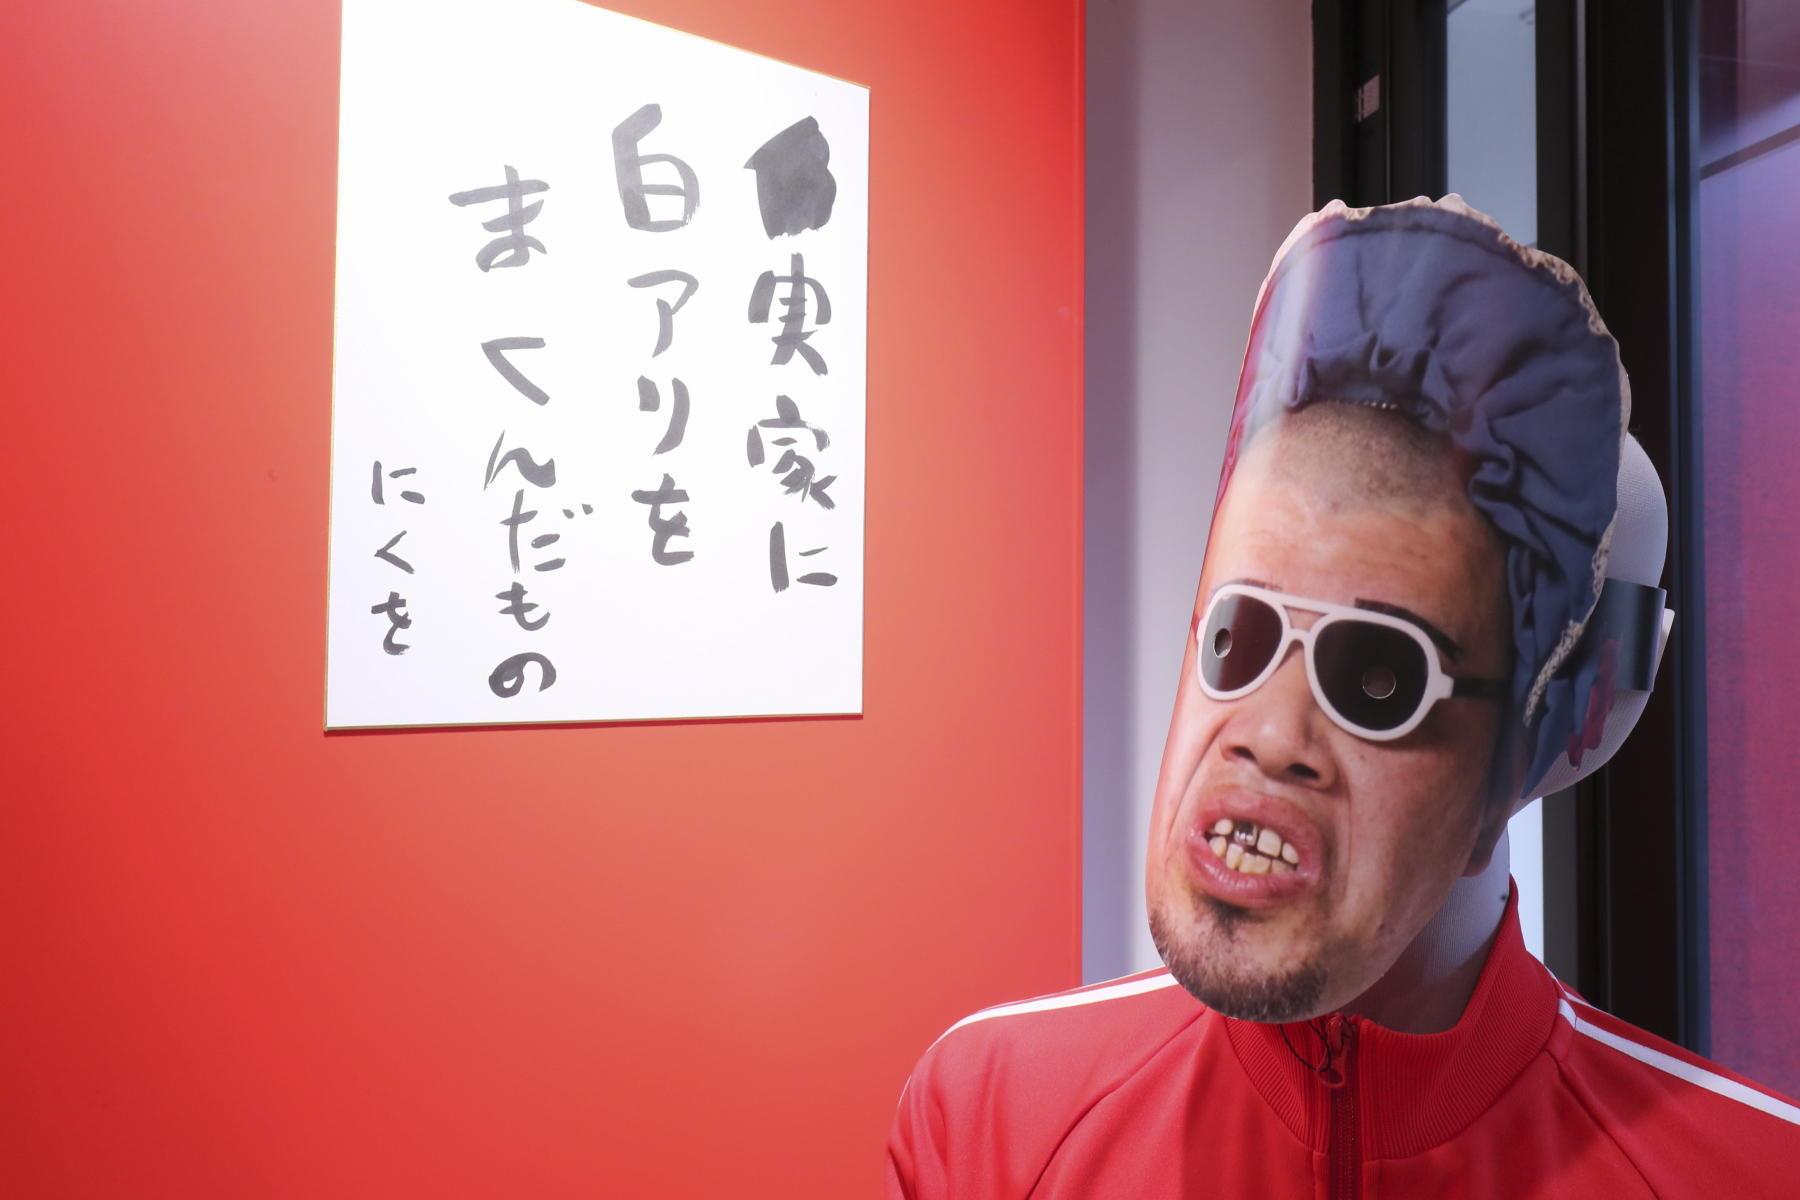 http://news.yoshimoto.co.jp/20190110191421-206e9a399ef7226f7ace637464d8e000110f0b9f.jpg